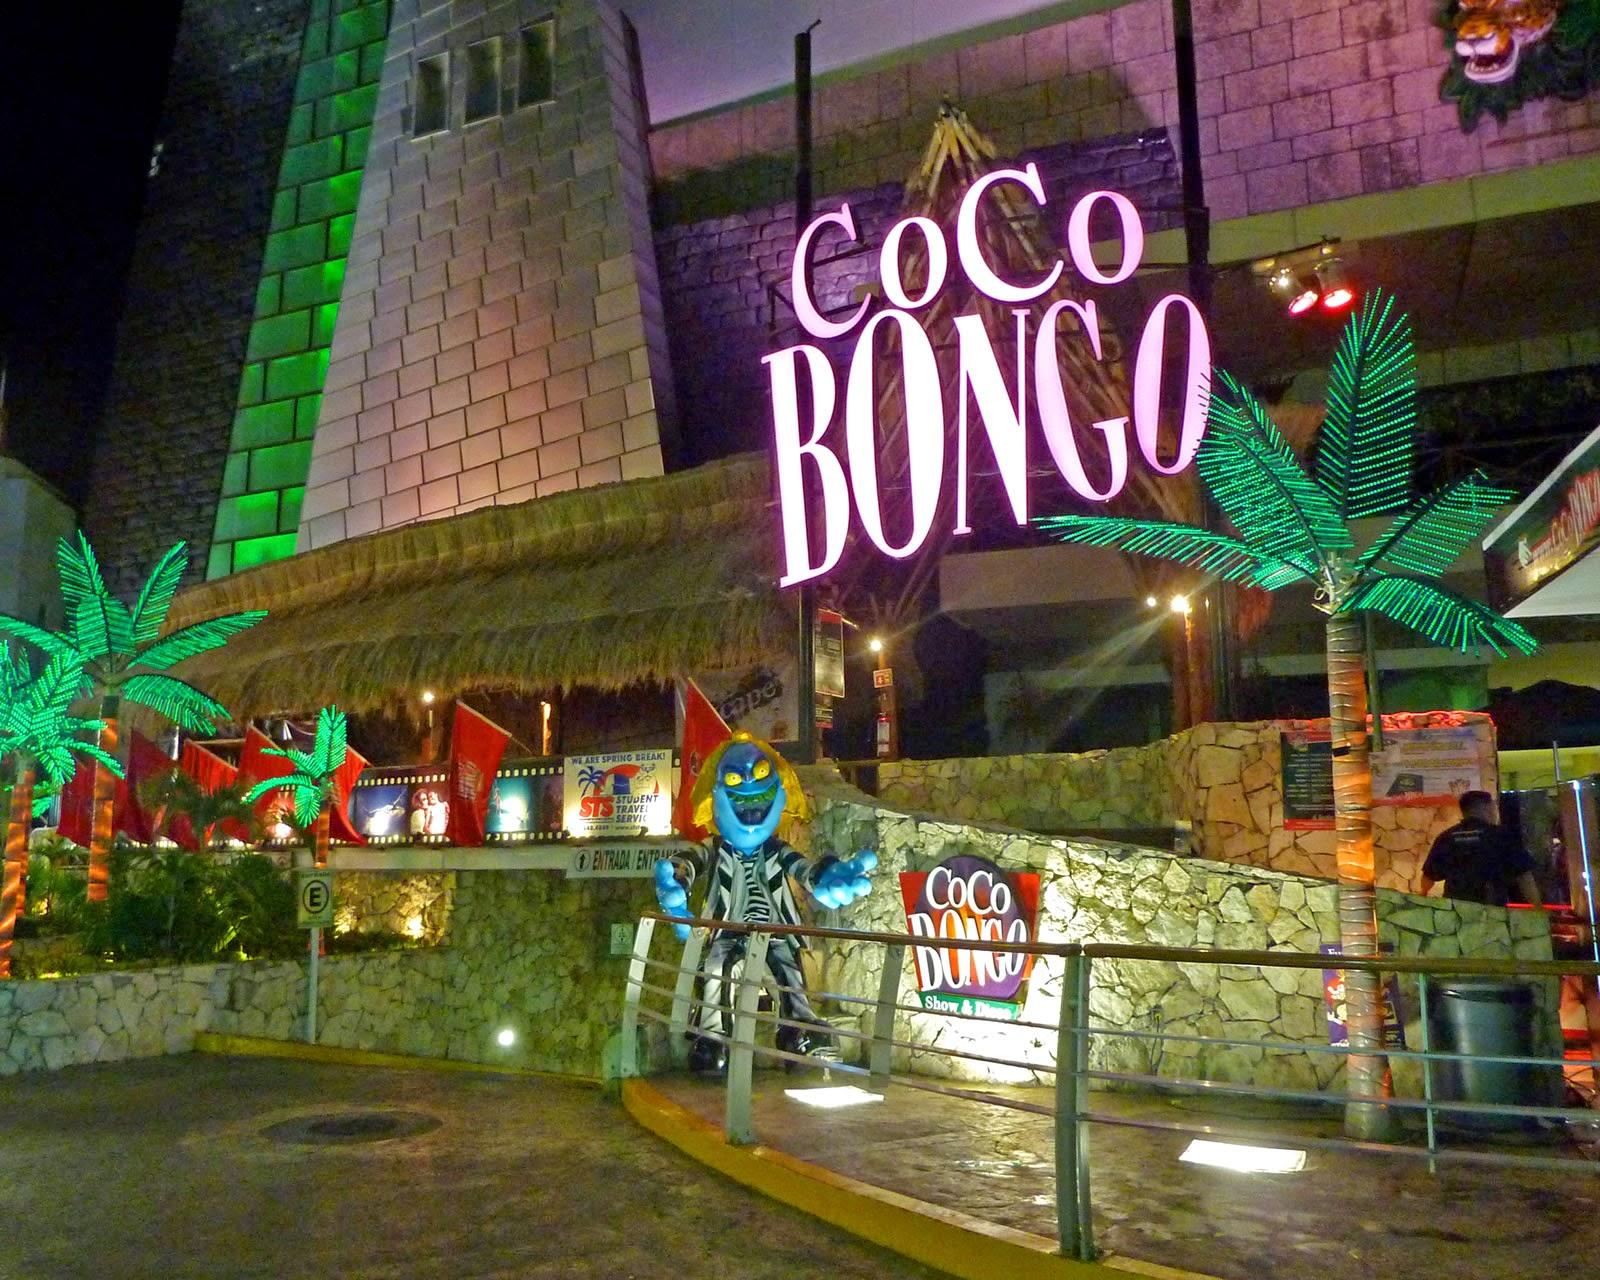 kazino-bongo